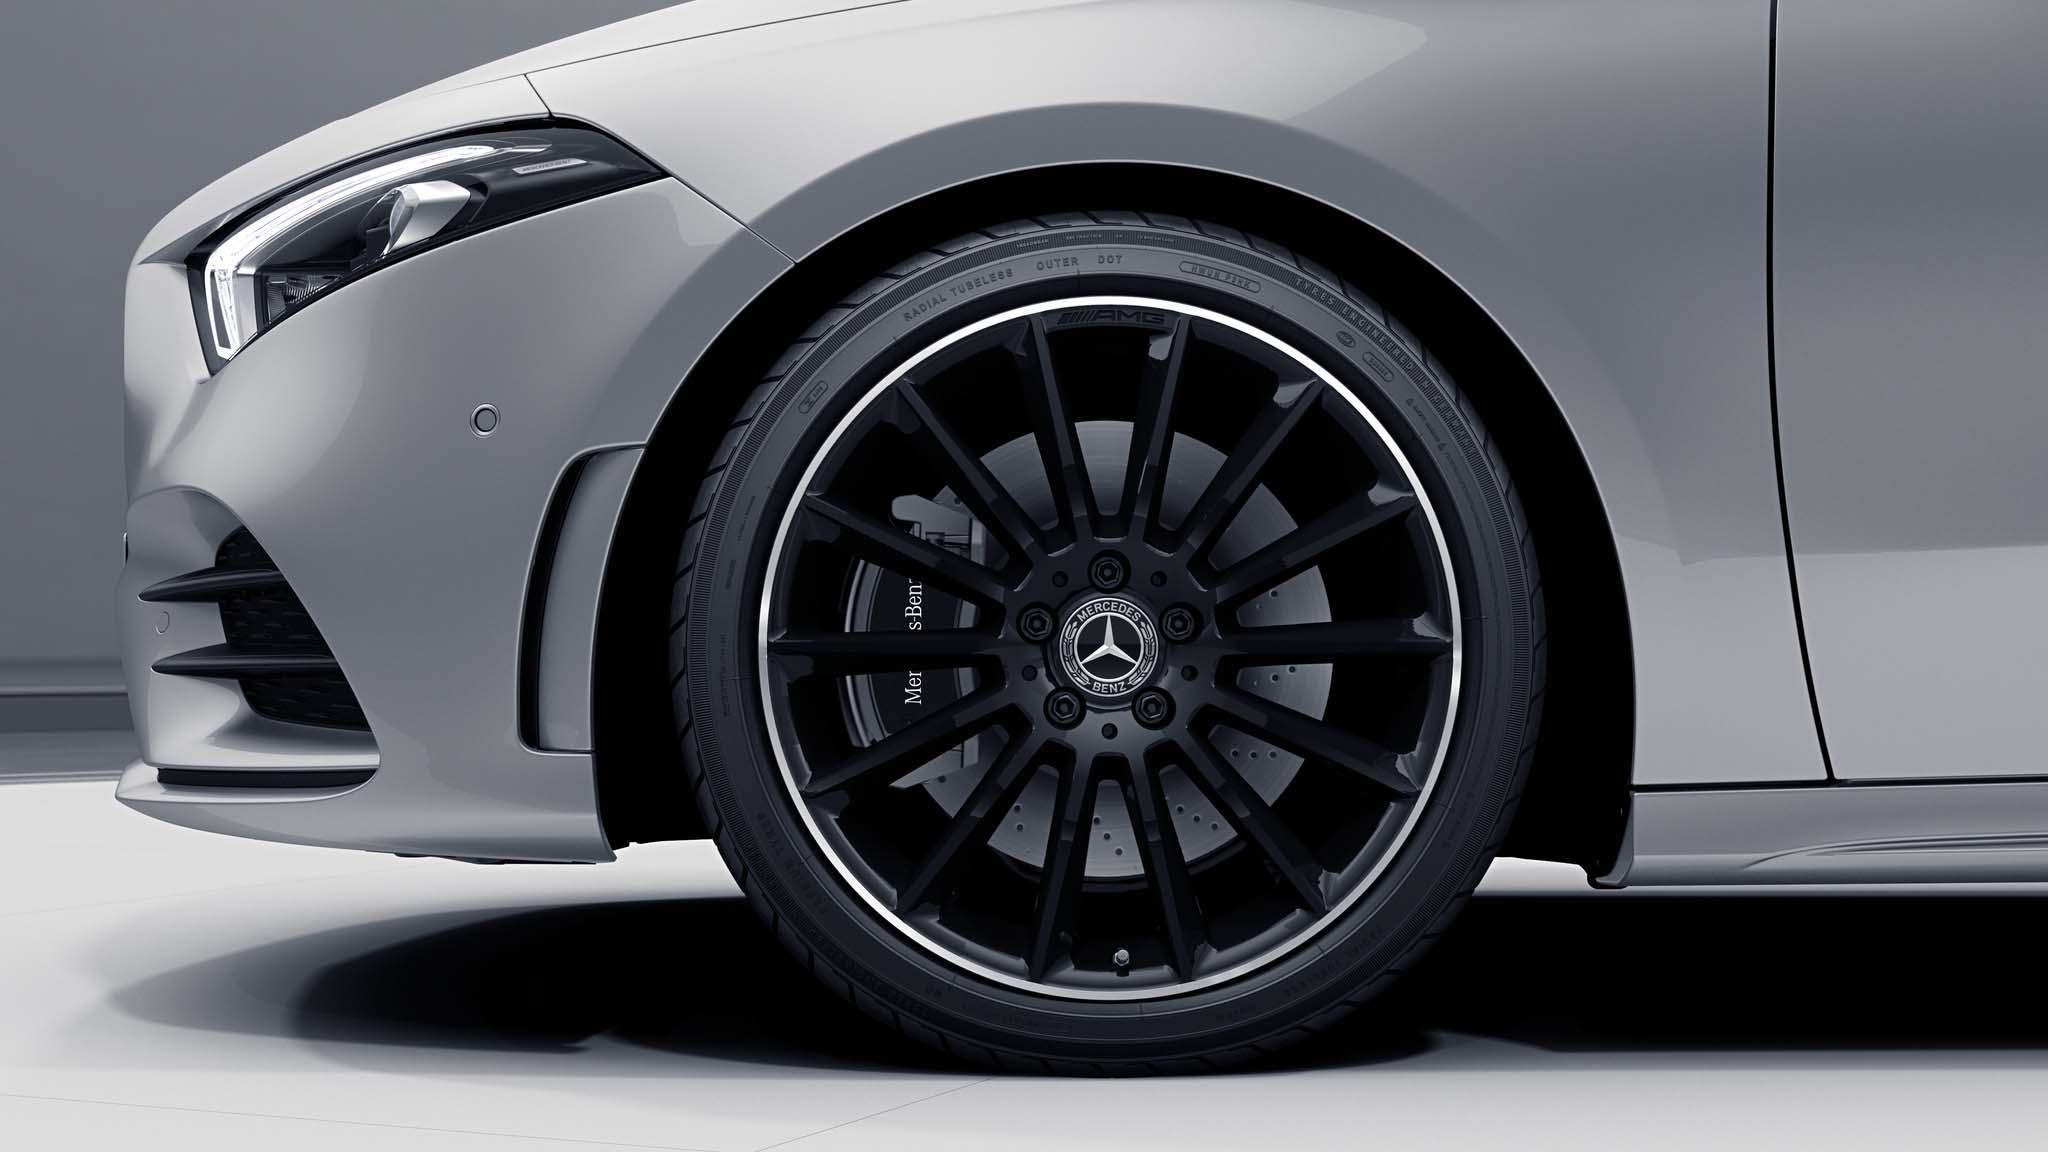 """Jantes AMG 19"""" multibranches noires de la Mercedes-Benz Classe A"""